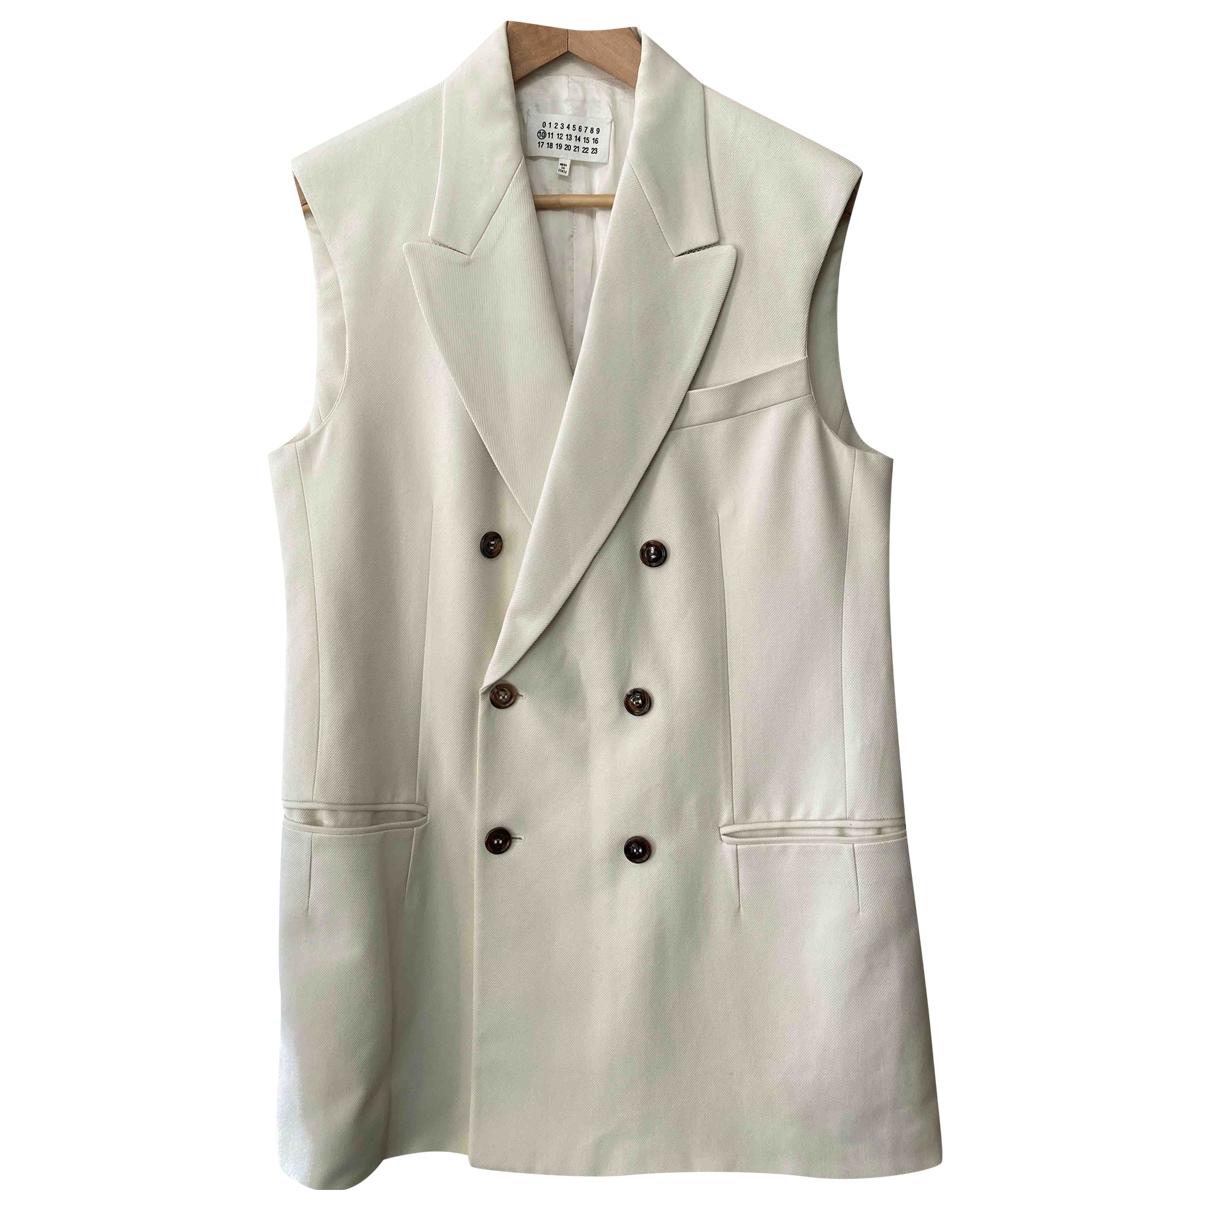 Maison Martin Margiela \N White jacket  for Men 48 IT